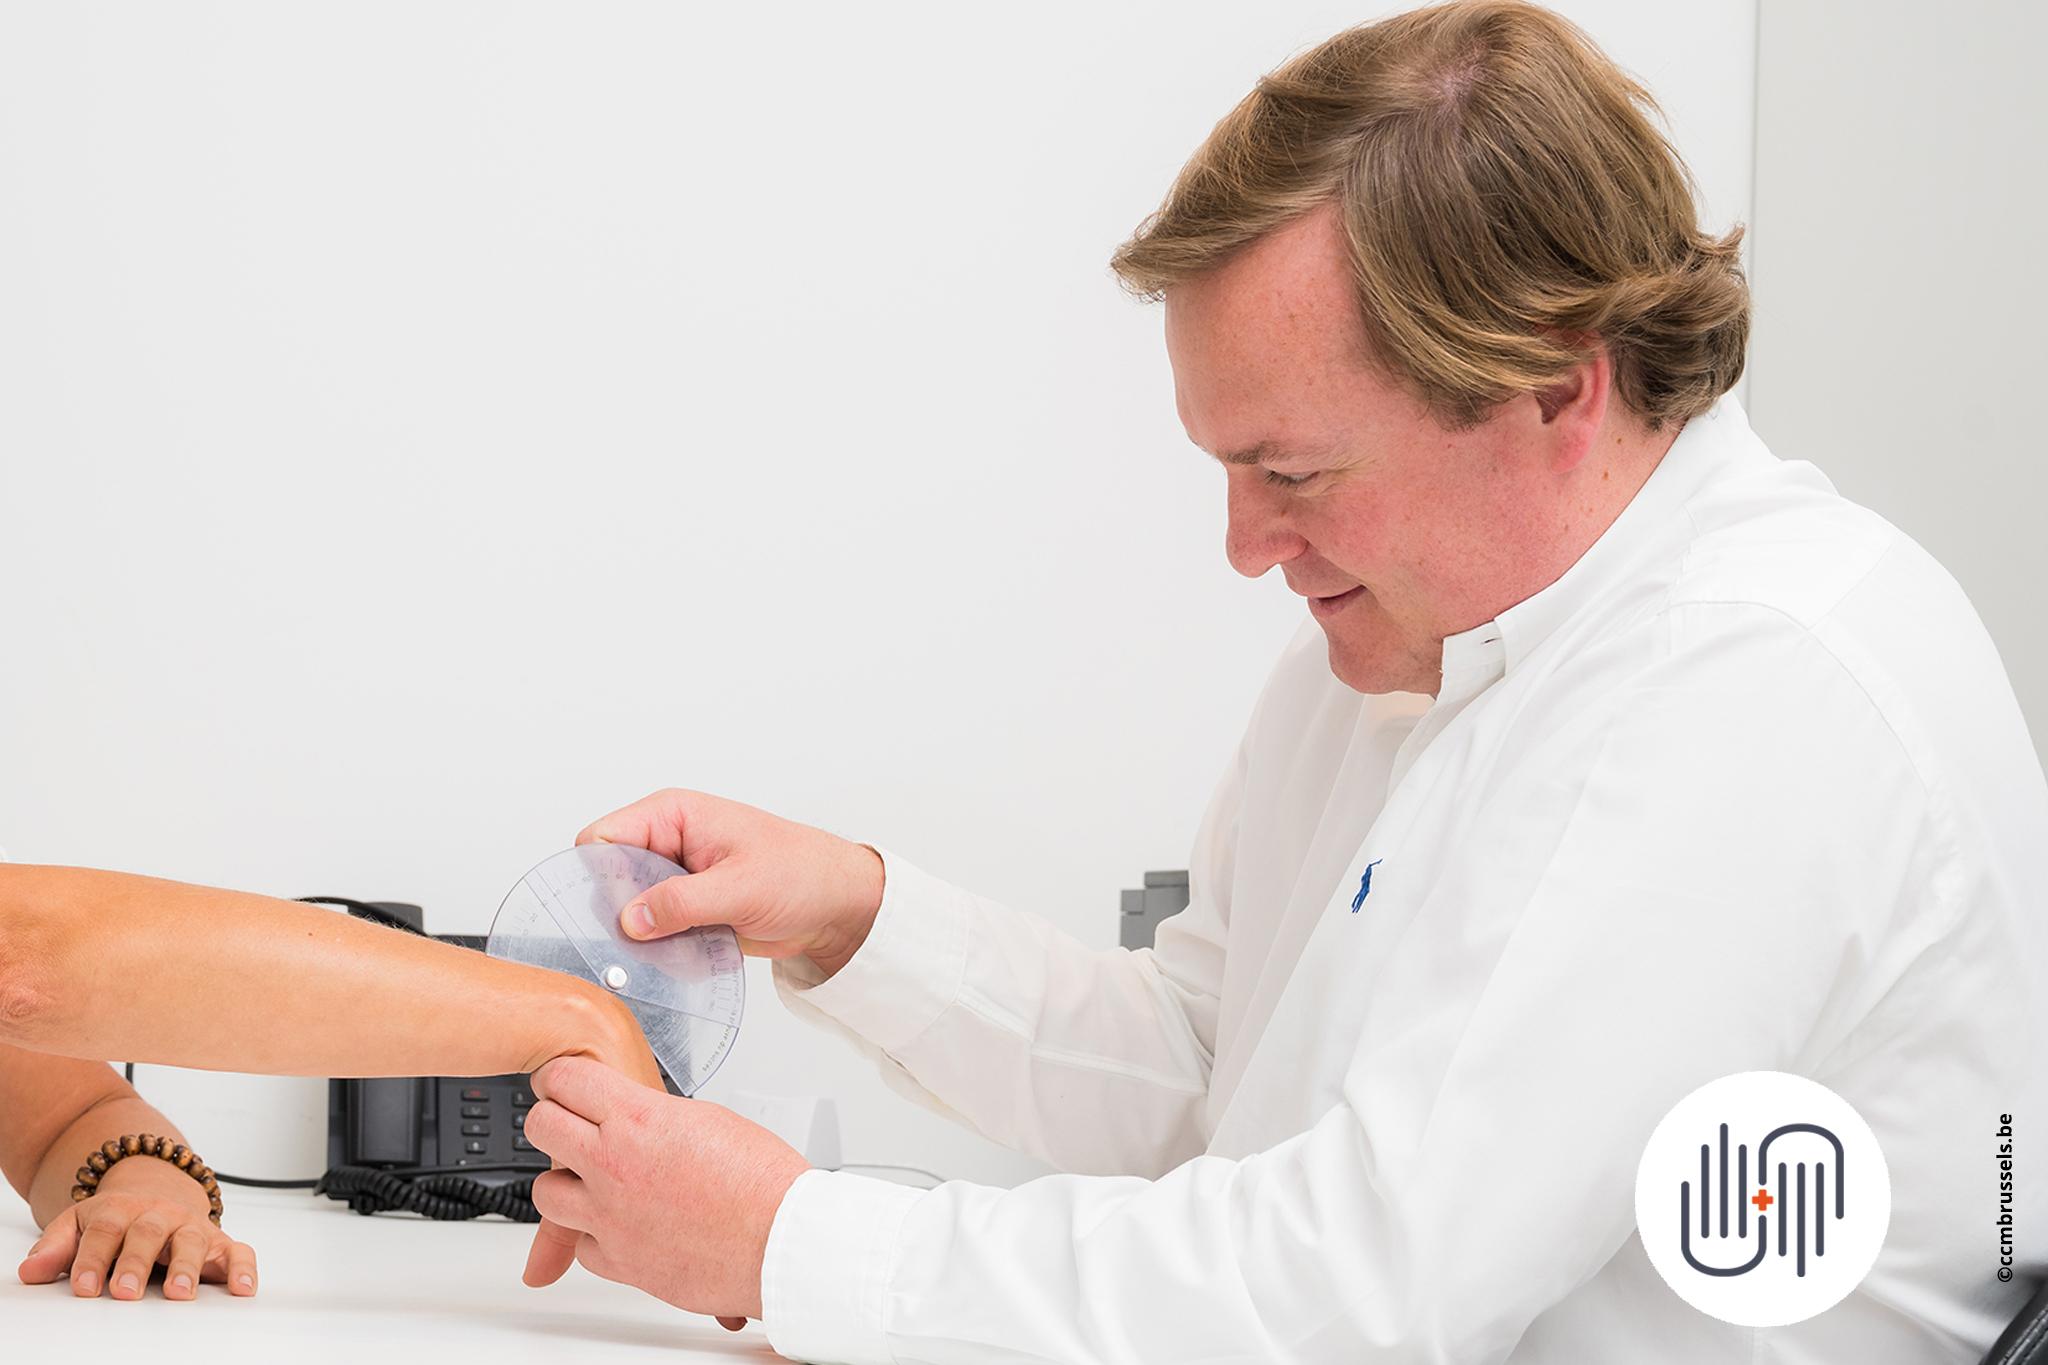 dr_cuylits_ccmbrussels_chirurgie_de _la_main